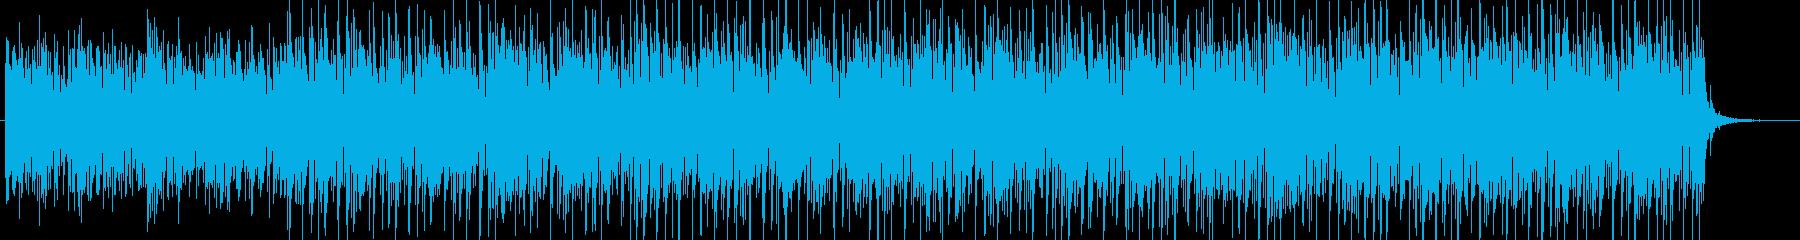 大人っぽくムーディなバラードBGMの再生済みの波形